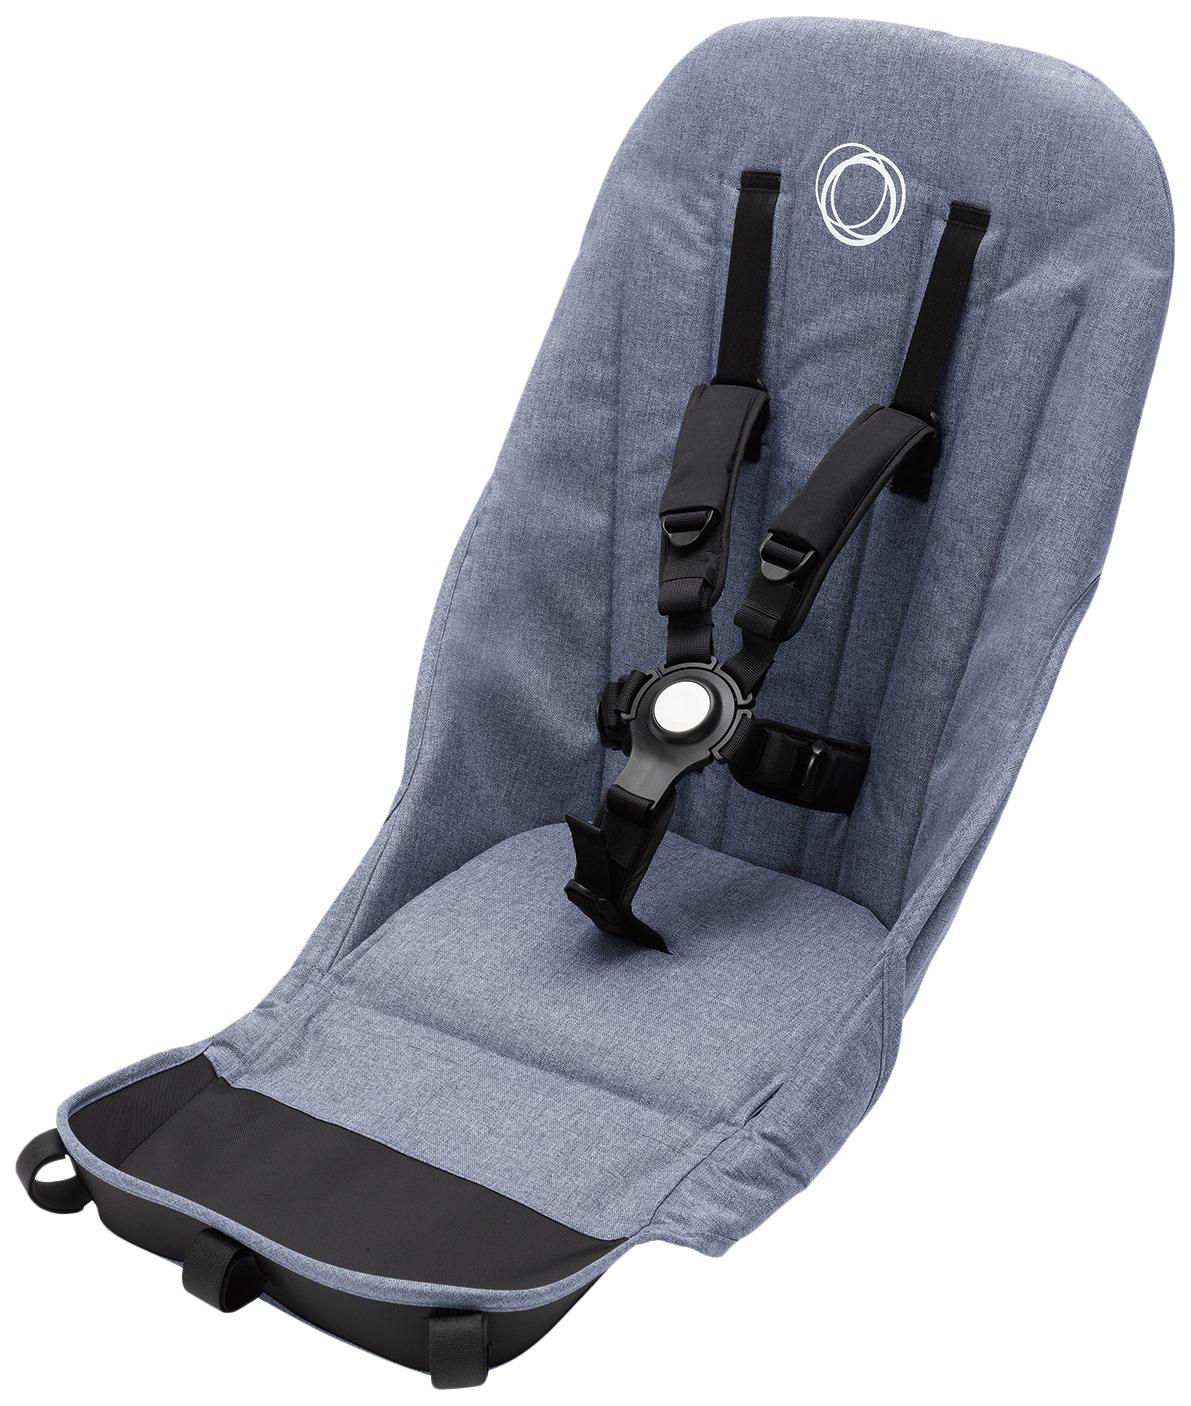 Купить Ткань основы сиденья для коляски Bugaboo Donkey3 duo fabric set GREY MELANGE 180118GM03,